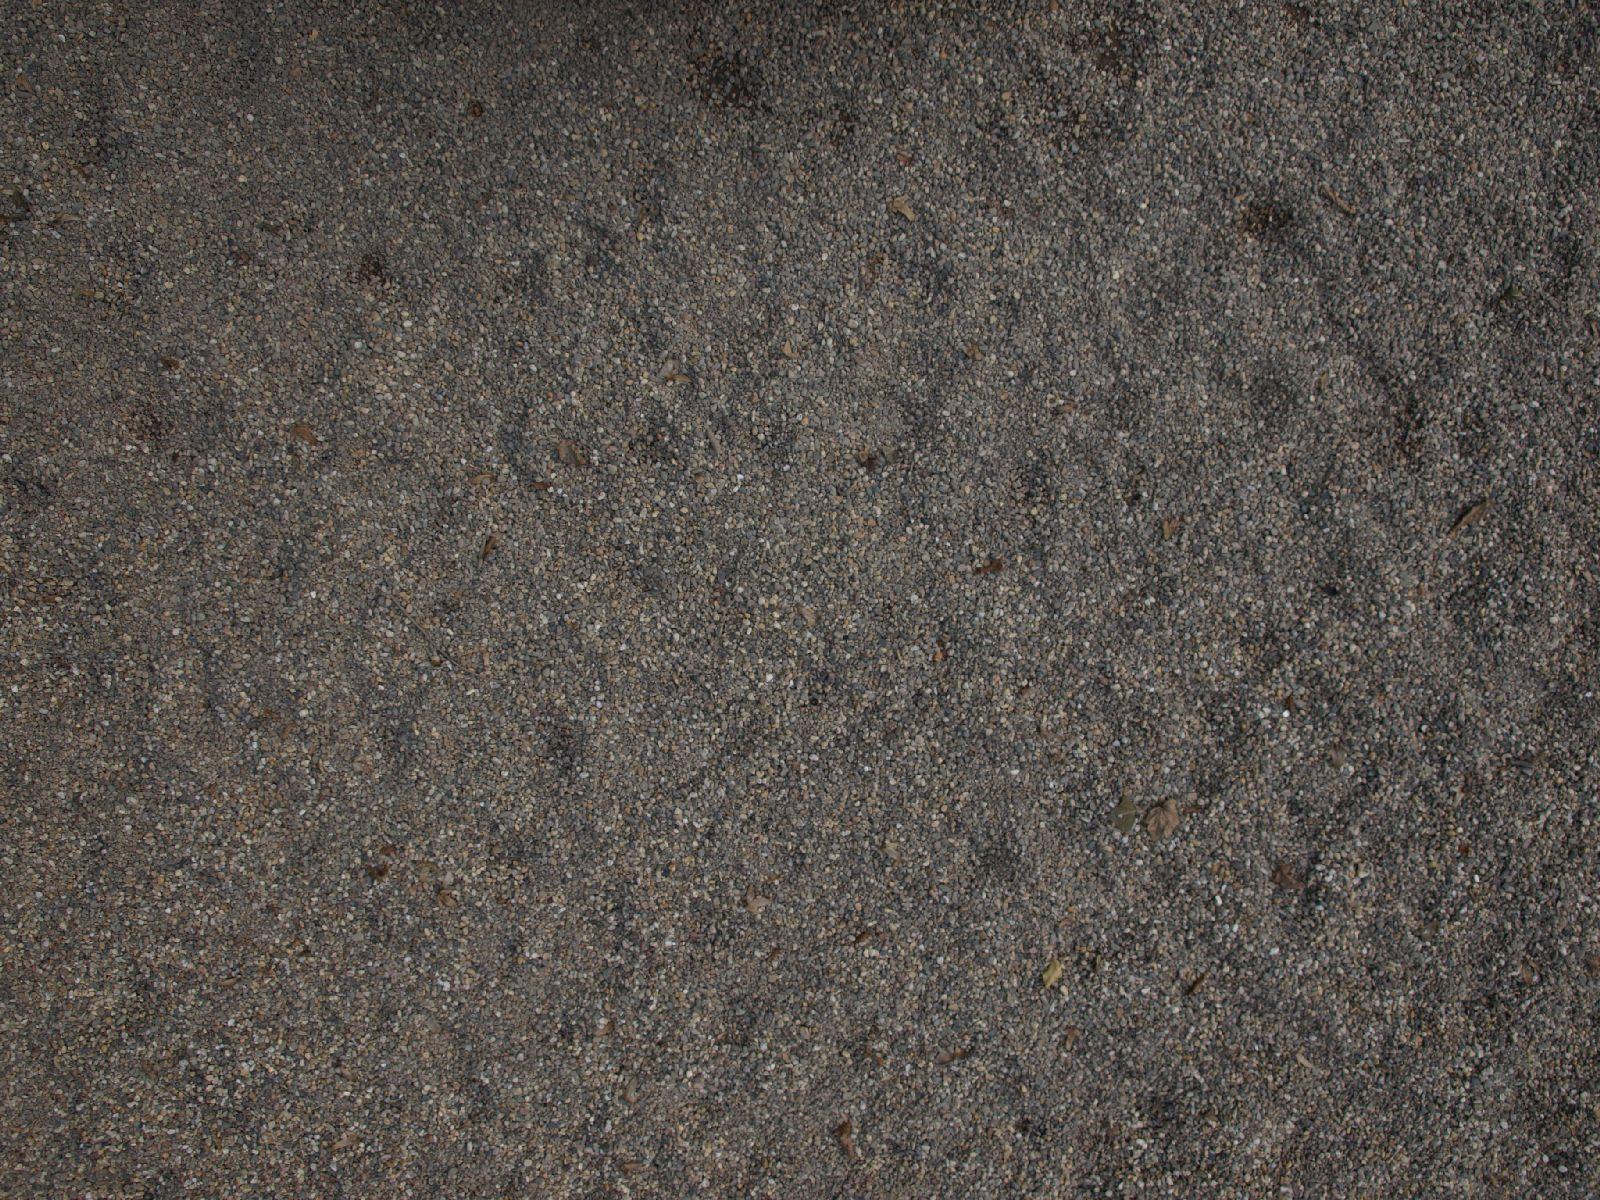 Boden-Erde-Steine_Textur_A_P9129608